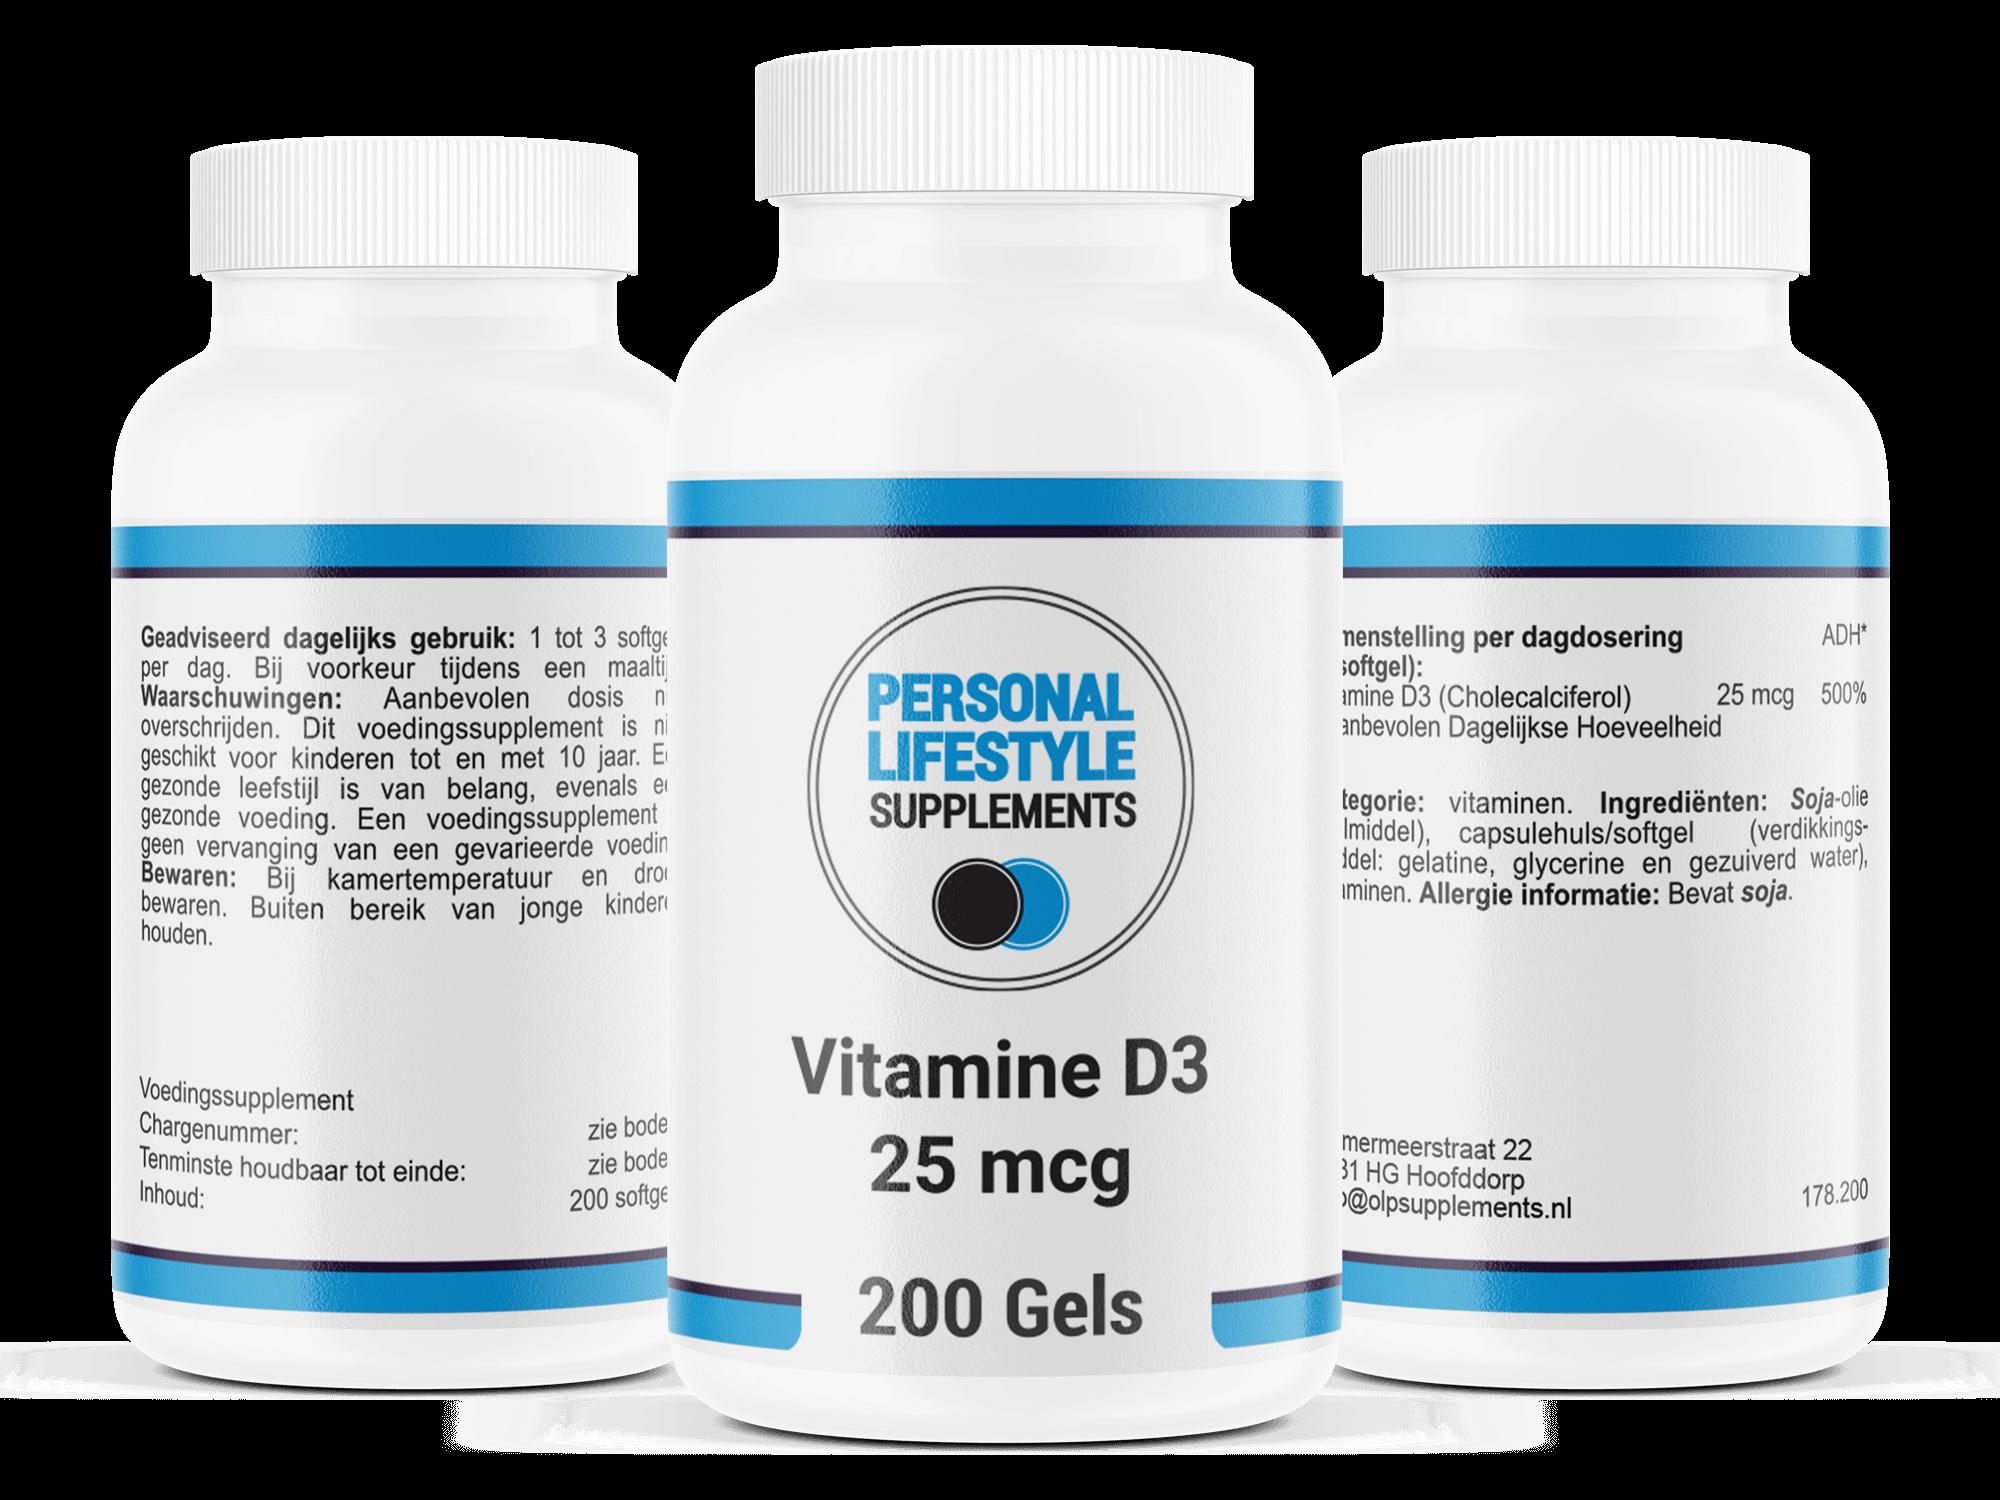 Vitamine-d3-kopen-biologische-supplementen-pillen-en-capsules-instandhouding-weerstand-goede-werking-van-spieren-gezonde-leefstijl